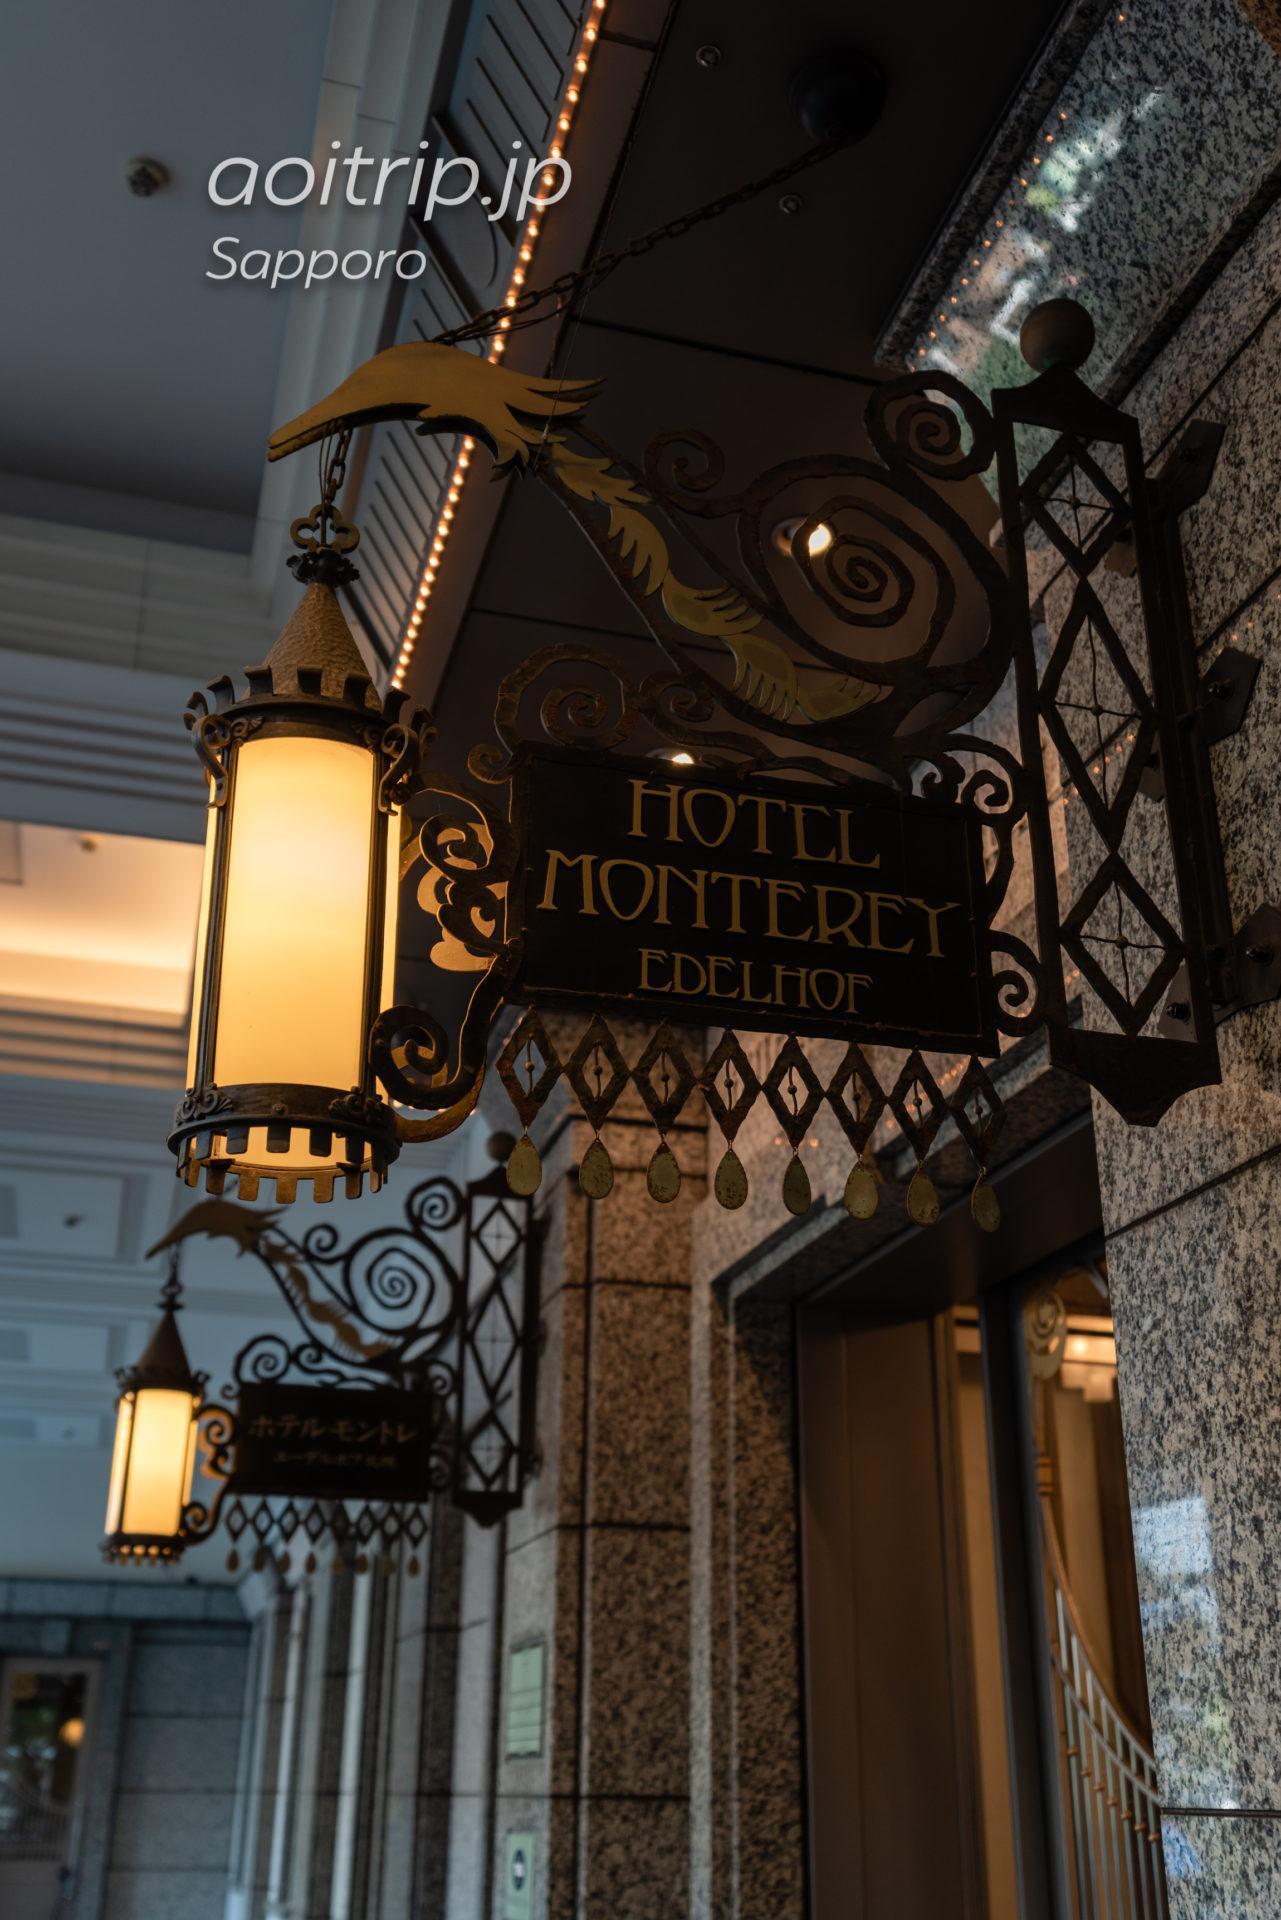 ホテル モントレ エーデルホフ札幌のエントランス